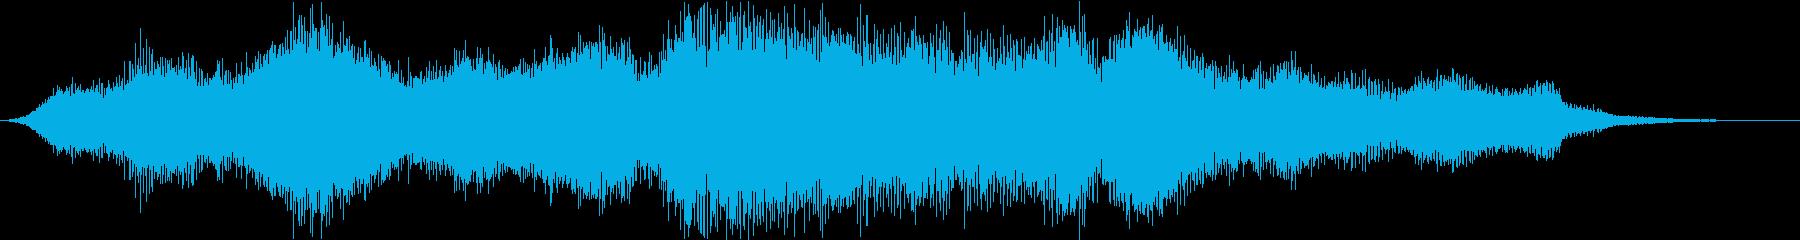 オーケストラによるサウンドロゴ、ジングルの再生済みの波形